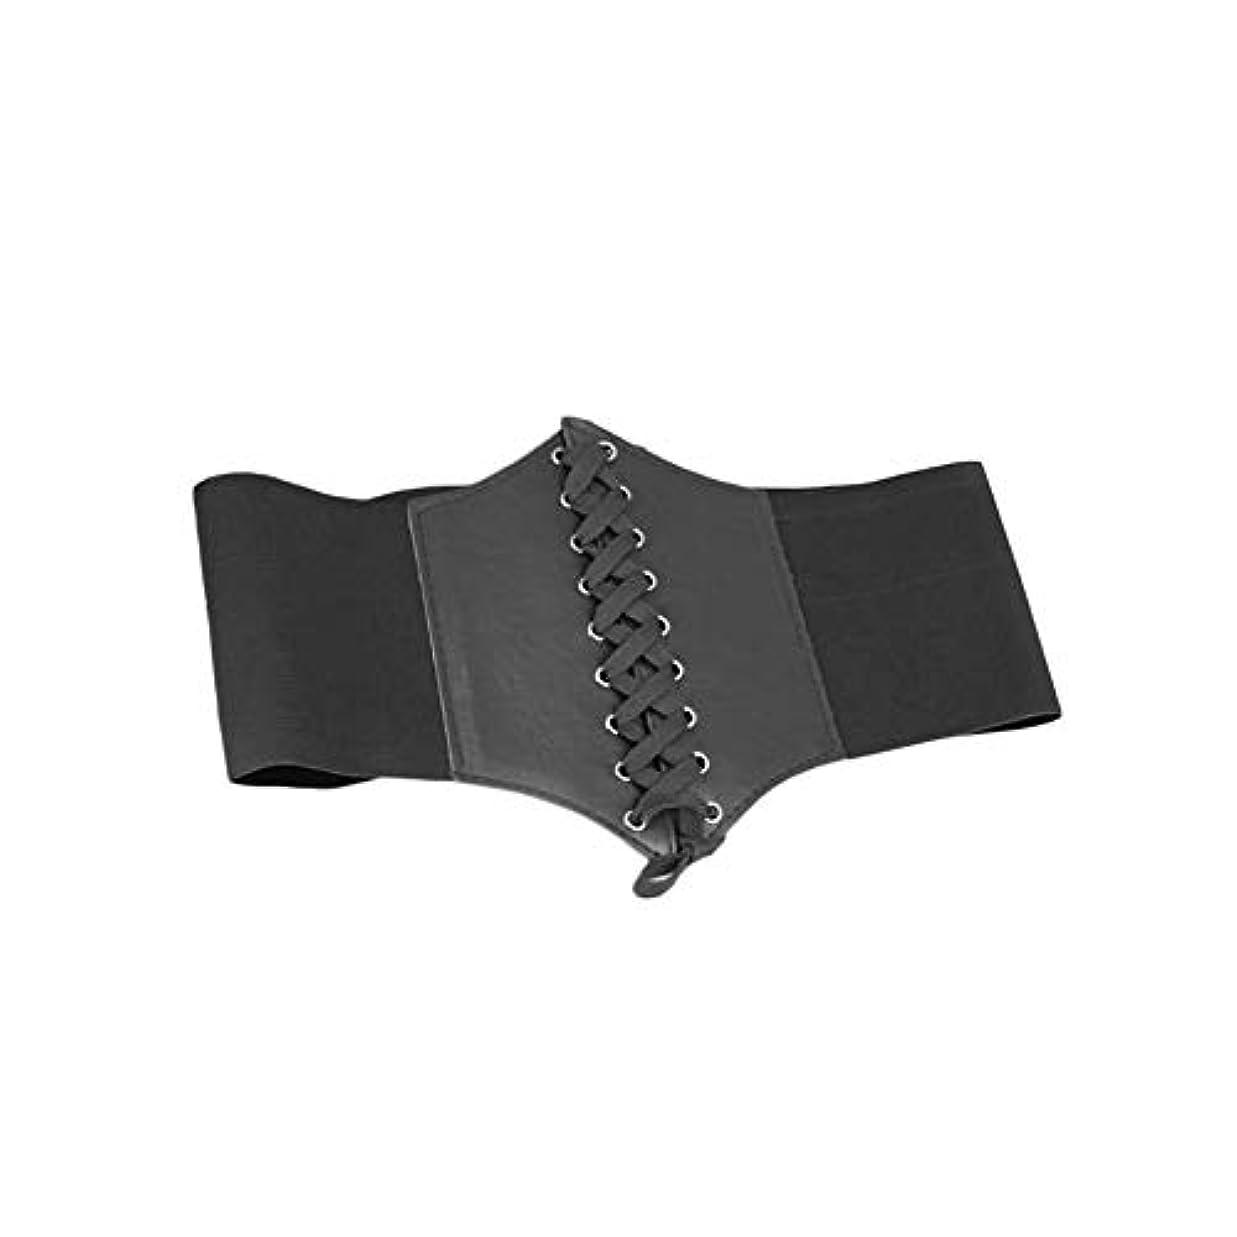 女性ヴィンテージソリッドベルトウエストニッパーレースアップコルセット包帯ハイストレッチ調節可能なネクタイワイドウエストバンド用女性 - 黒